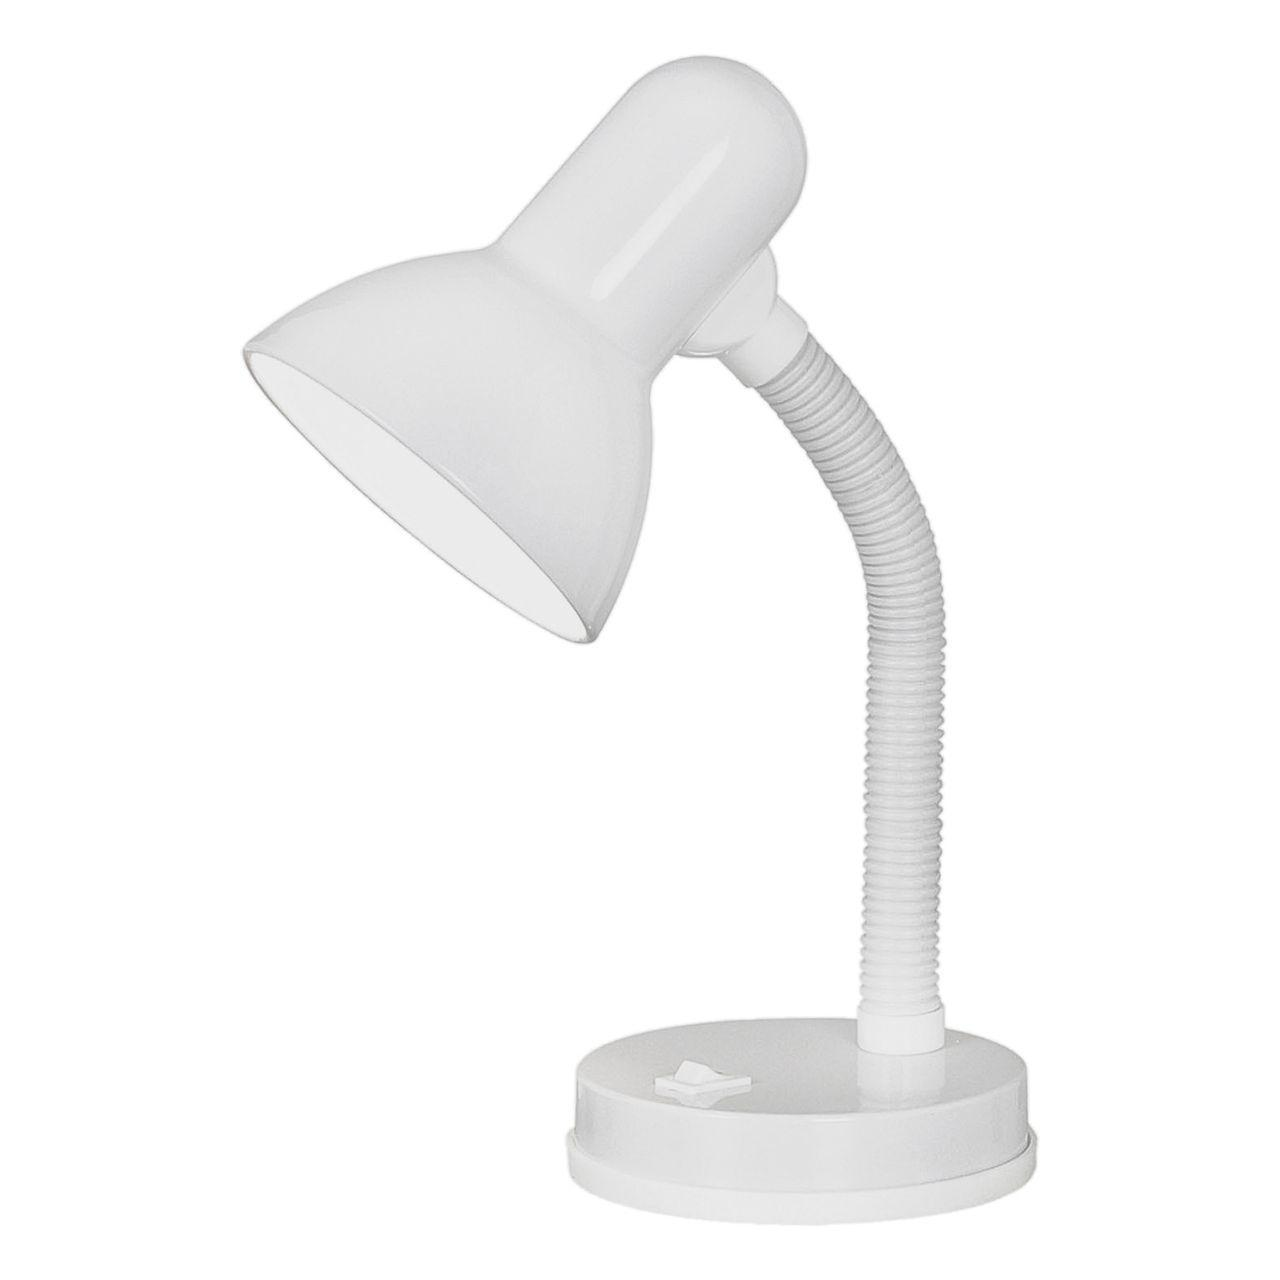 Настольная лампа Eglo Basic 9229 eglo настольная лампа eglo basic 9229